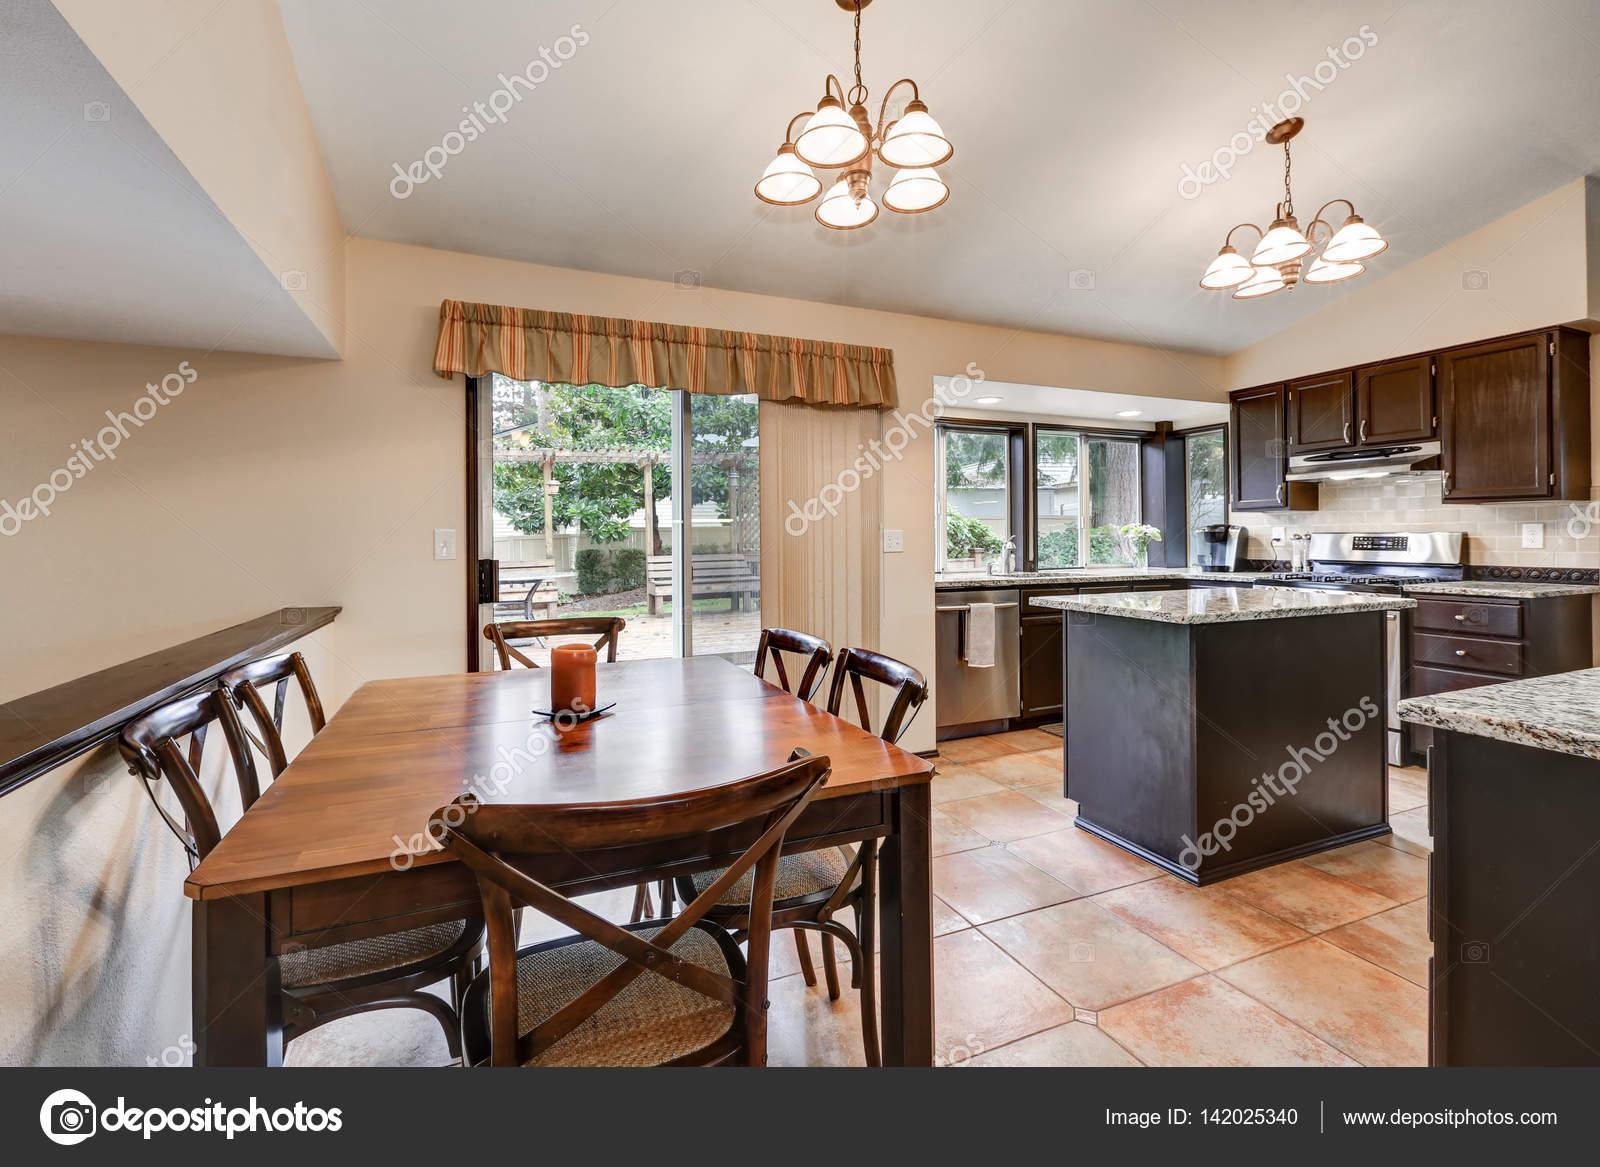 Klassieke kamer ontwerp van de keuken met keukeneiland u stockfoto